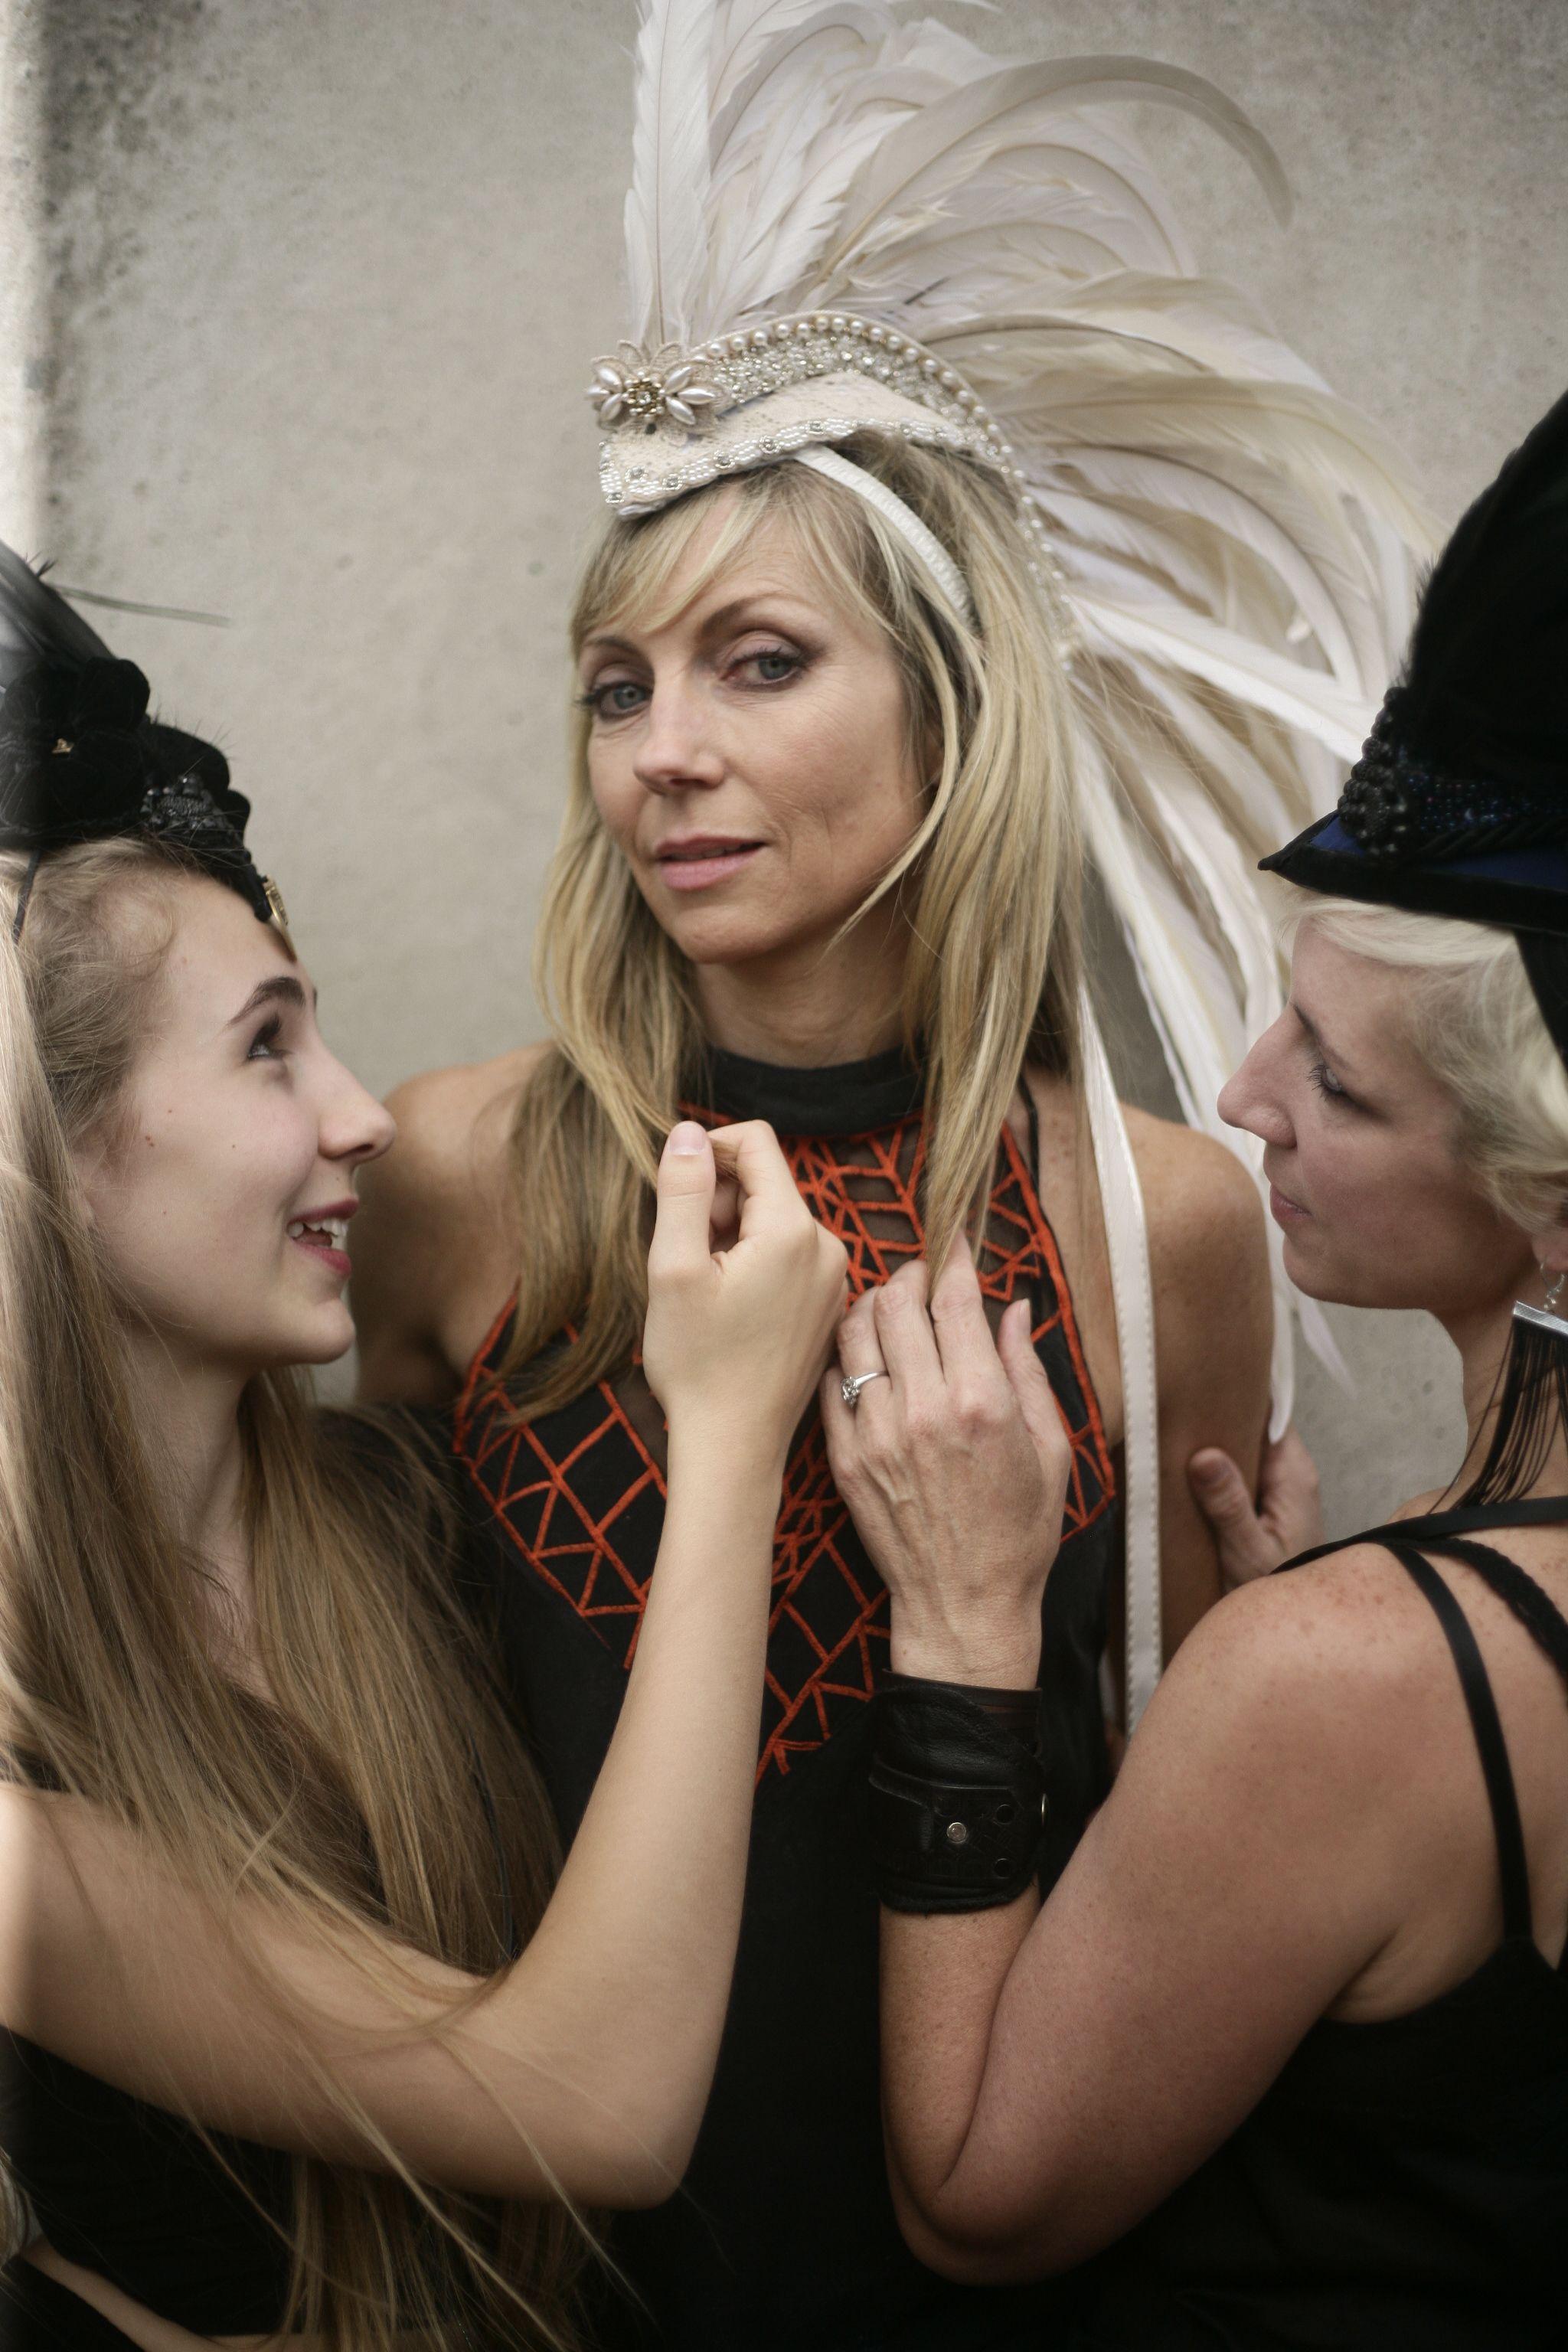 Festival headdress.